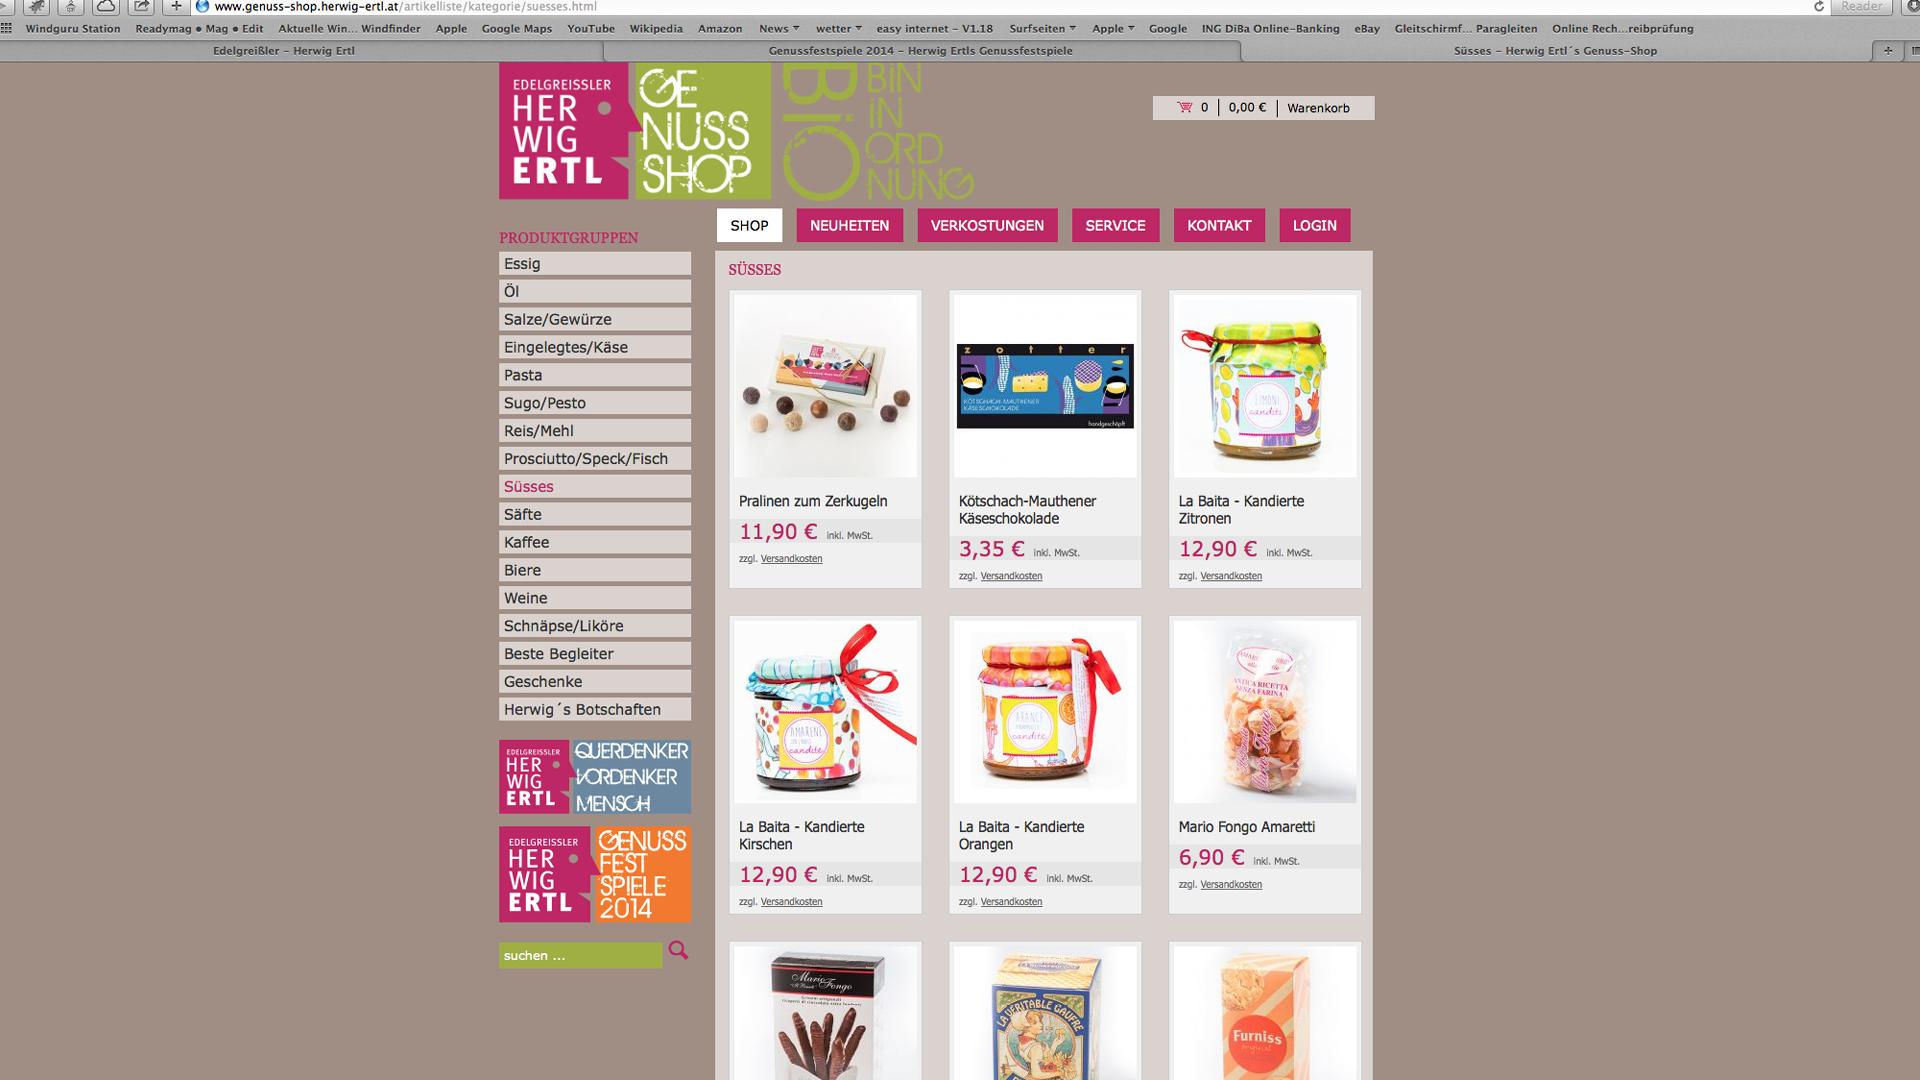 Website für Edelgreissler Herwig Ertls Genuss-Shop